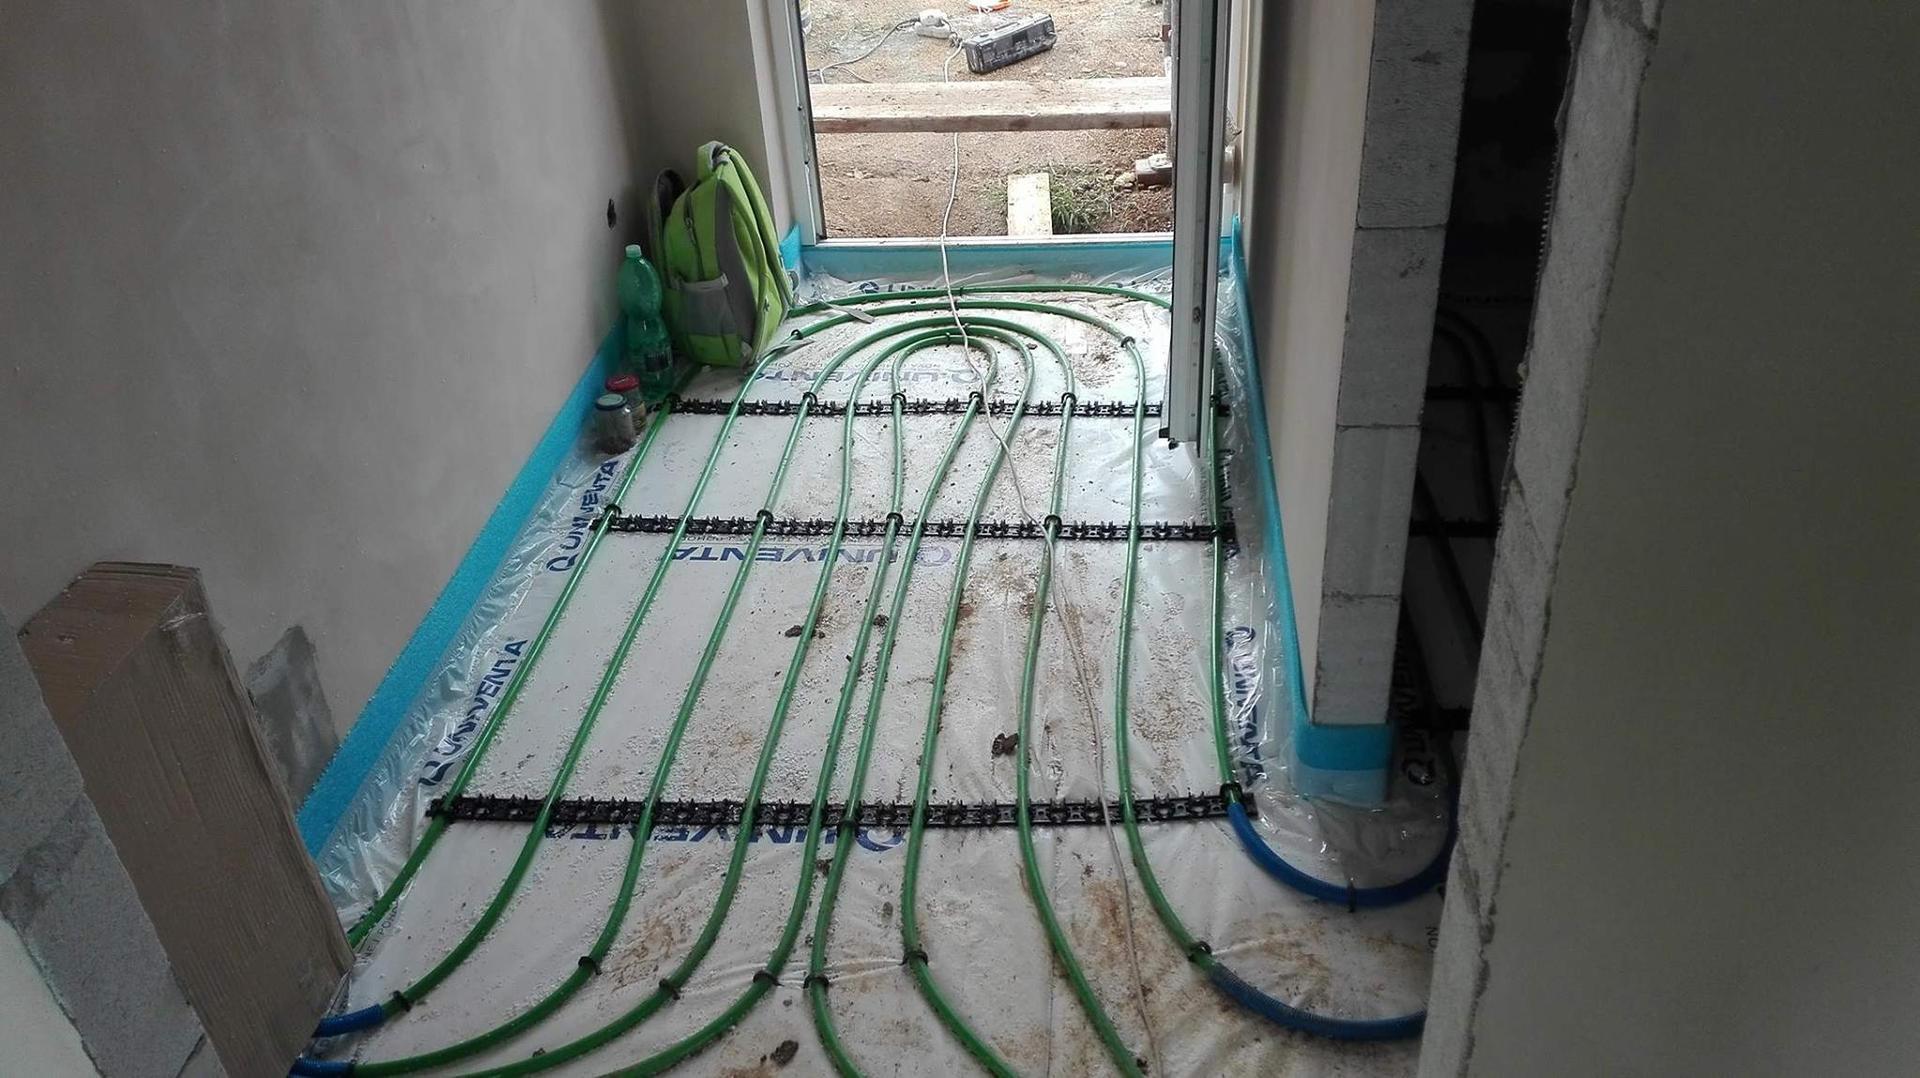 Stavba domu na kraji Prahy - Začínají intenzivní práce uvnitř domu. Pokládá se podlahové topení, aby nás v zimě nezábly nohy. I ve vstupní chodbičce budeme mít vyhřívání.